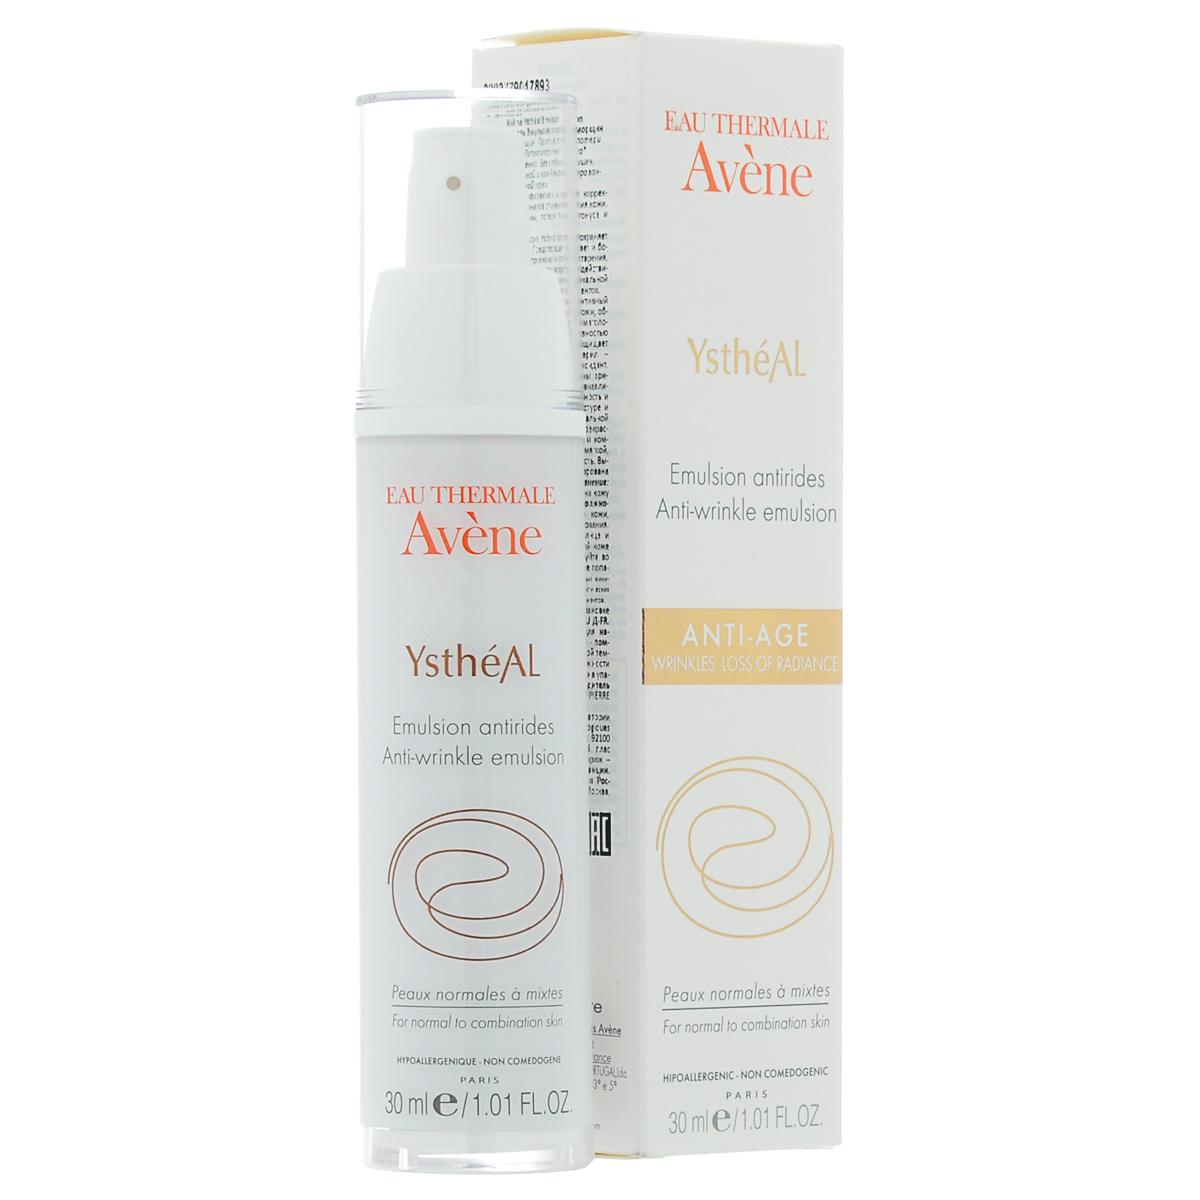 Avene Эмульсия от старения Ystheal+ для лица 30 млC01789Разглаживает морщинки, препятствует снижению тонуса кожи, придает коже сияние. Профилактика и коррекция первых морщин. Для нормальной и комбинированной кожи